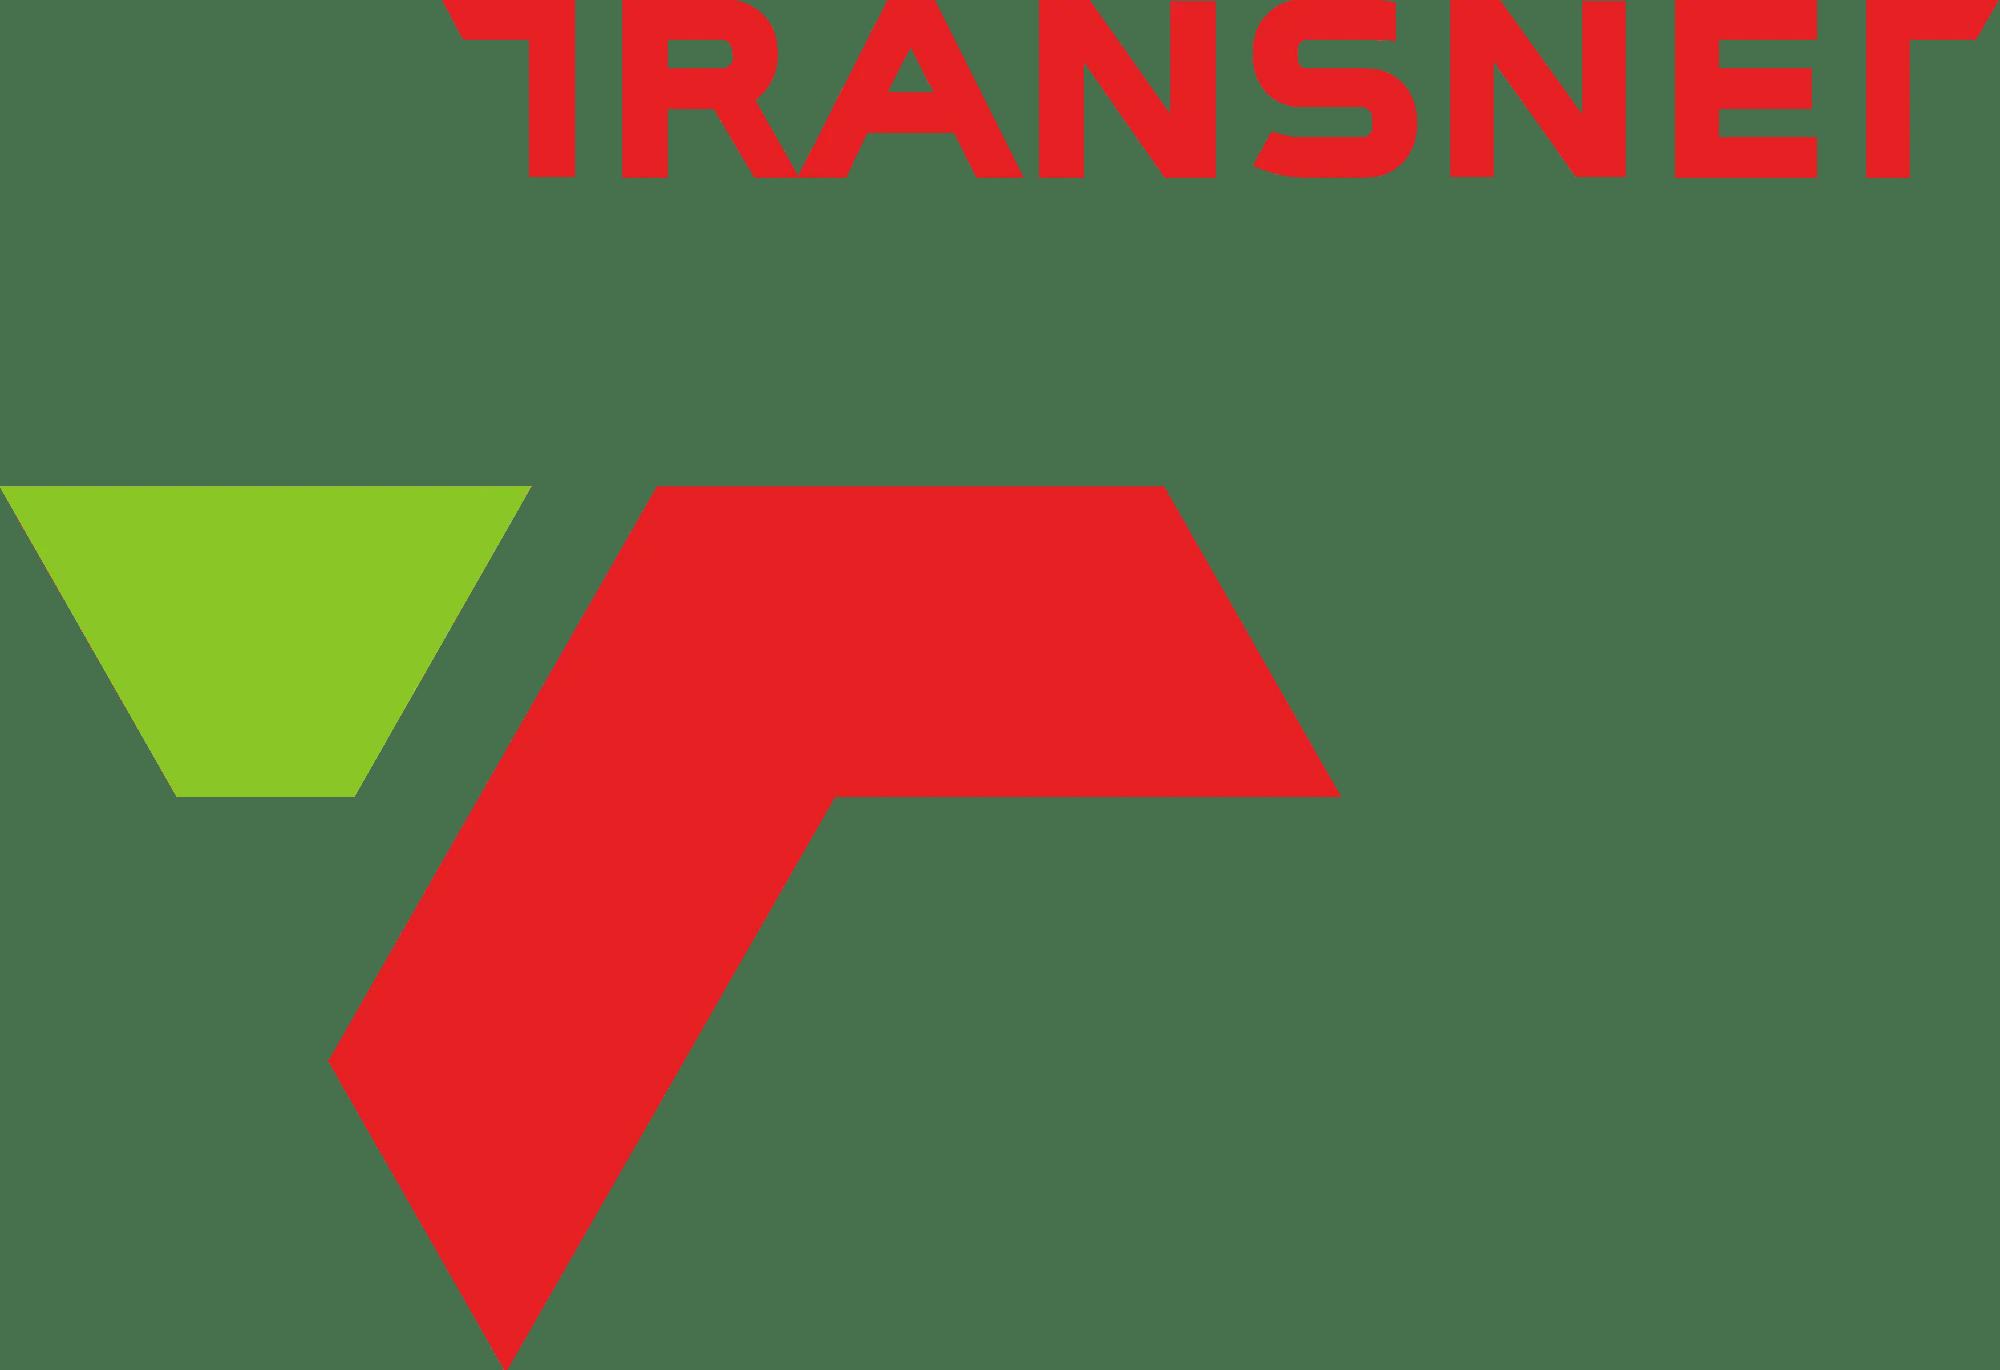 application letter for transnet bursary